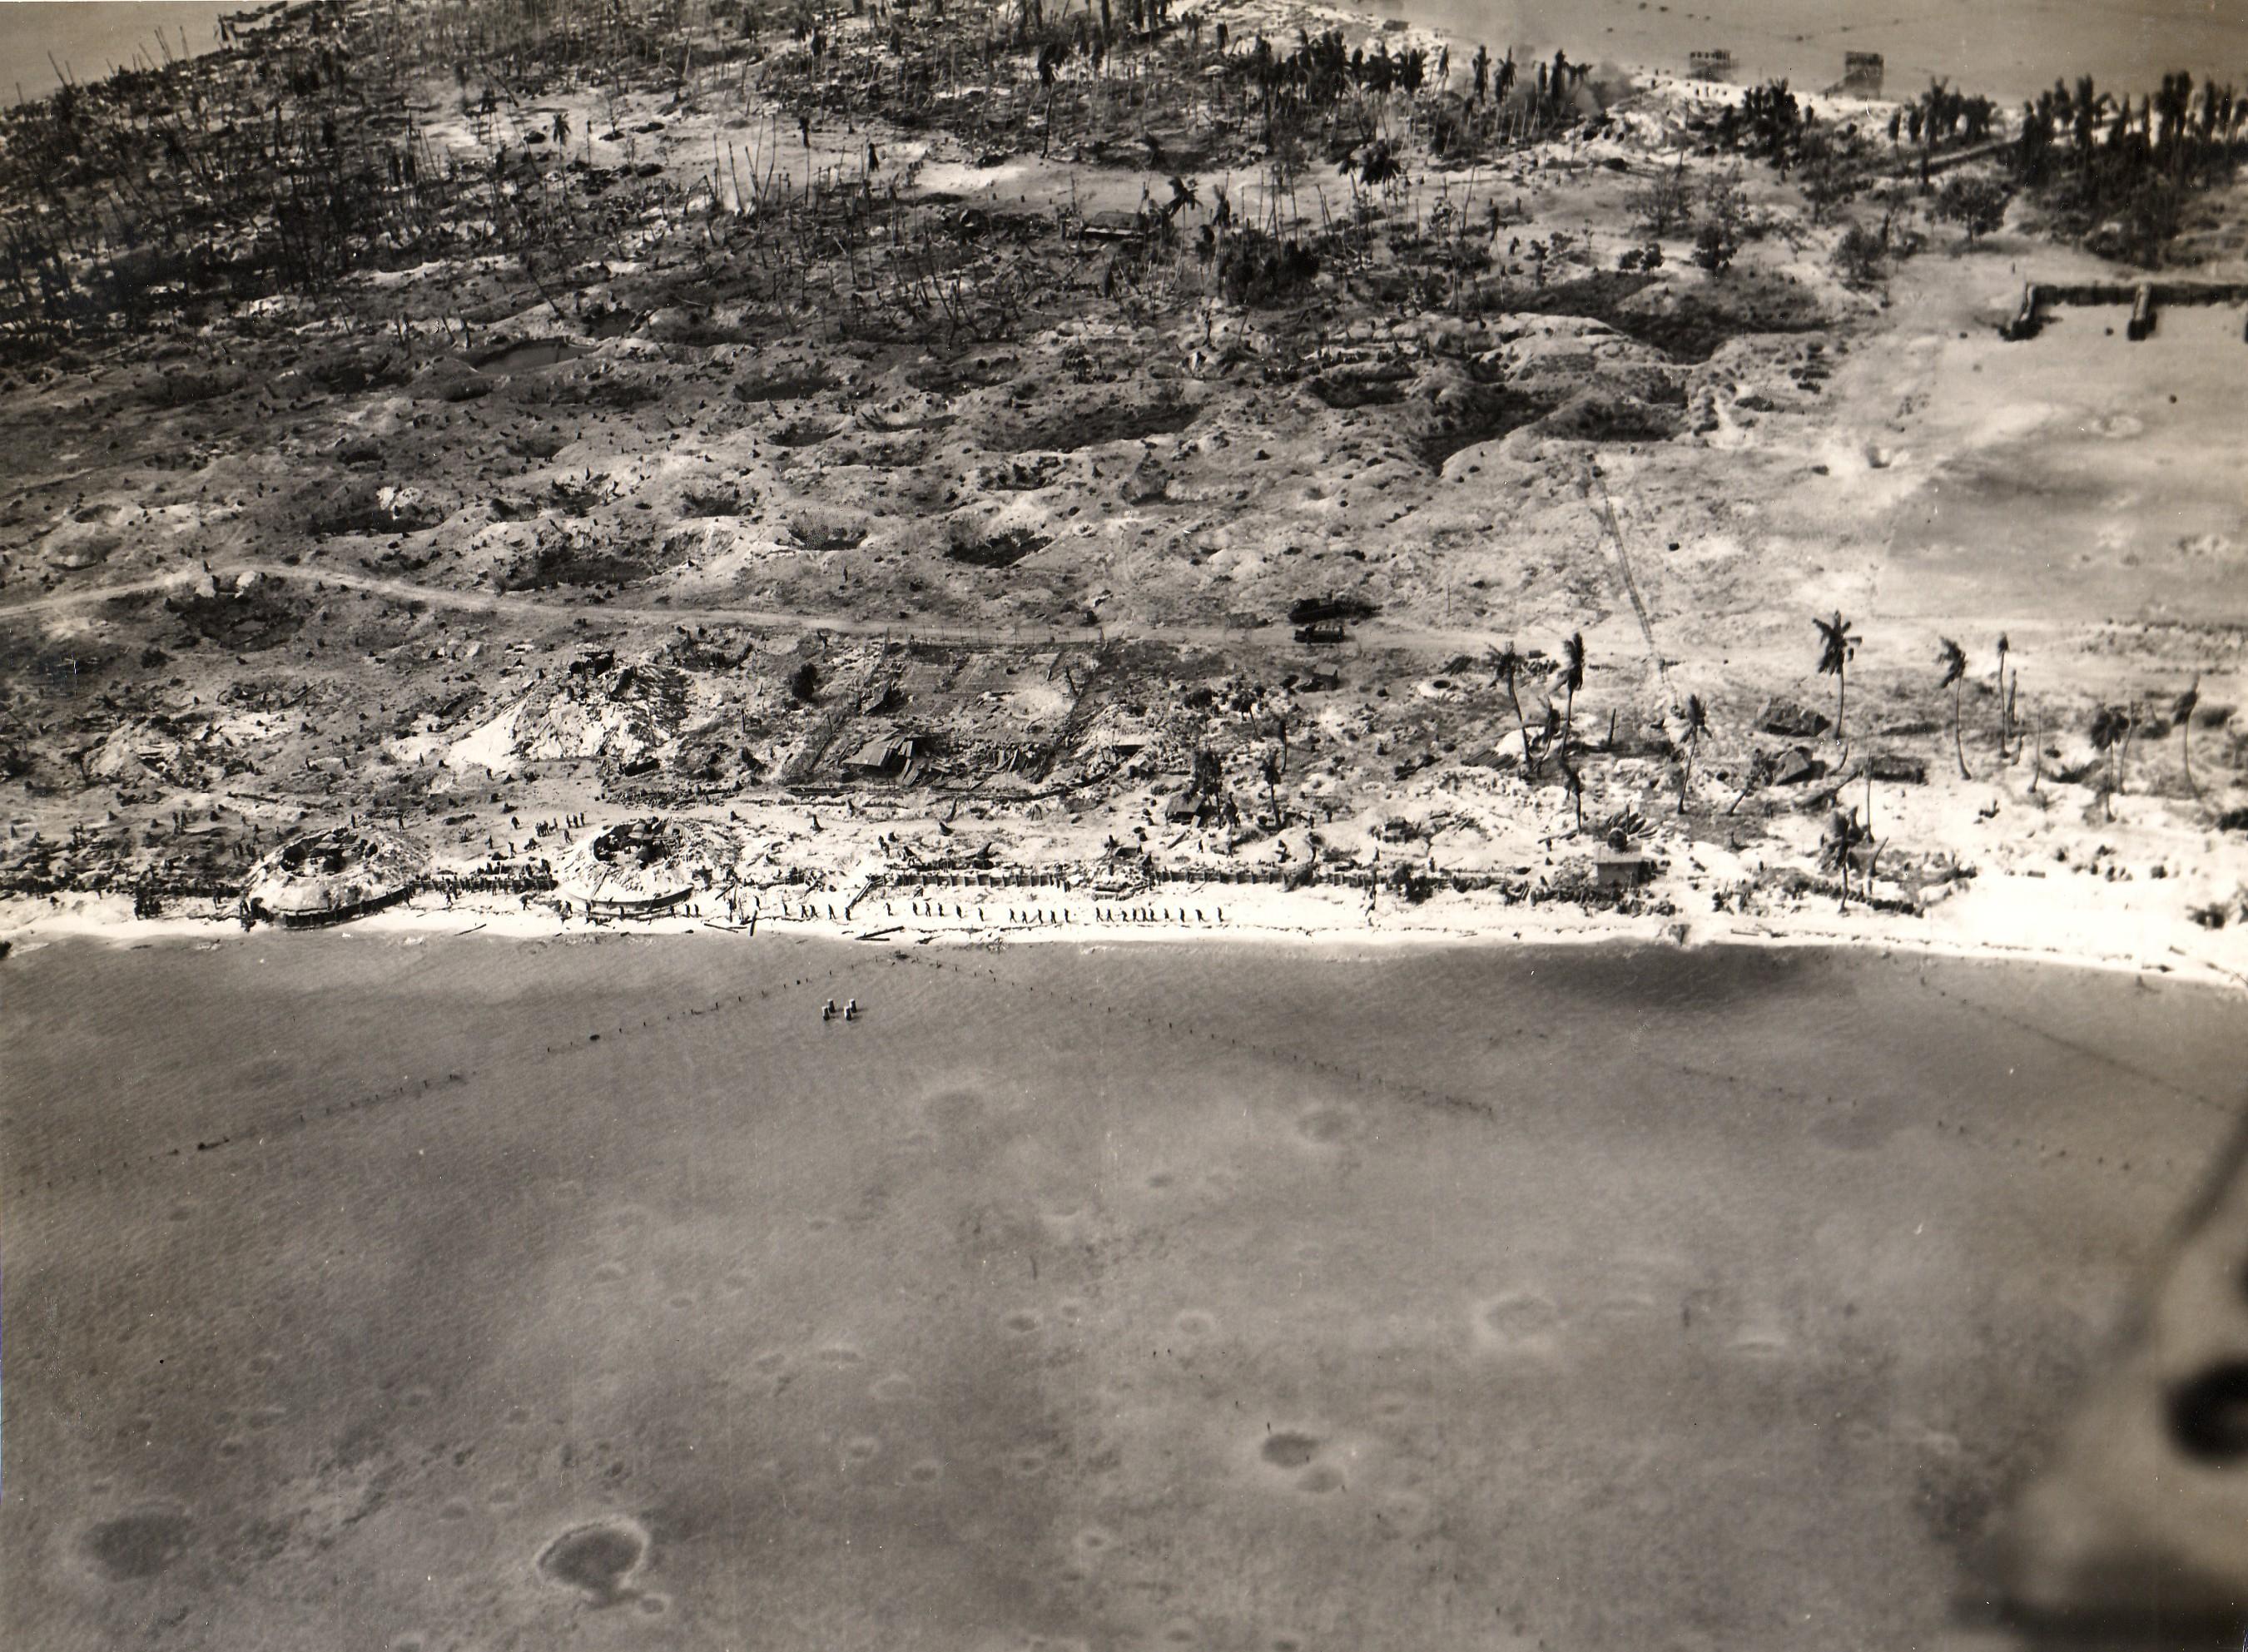 Tarawa_aerial_view_24_Nov_1943